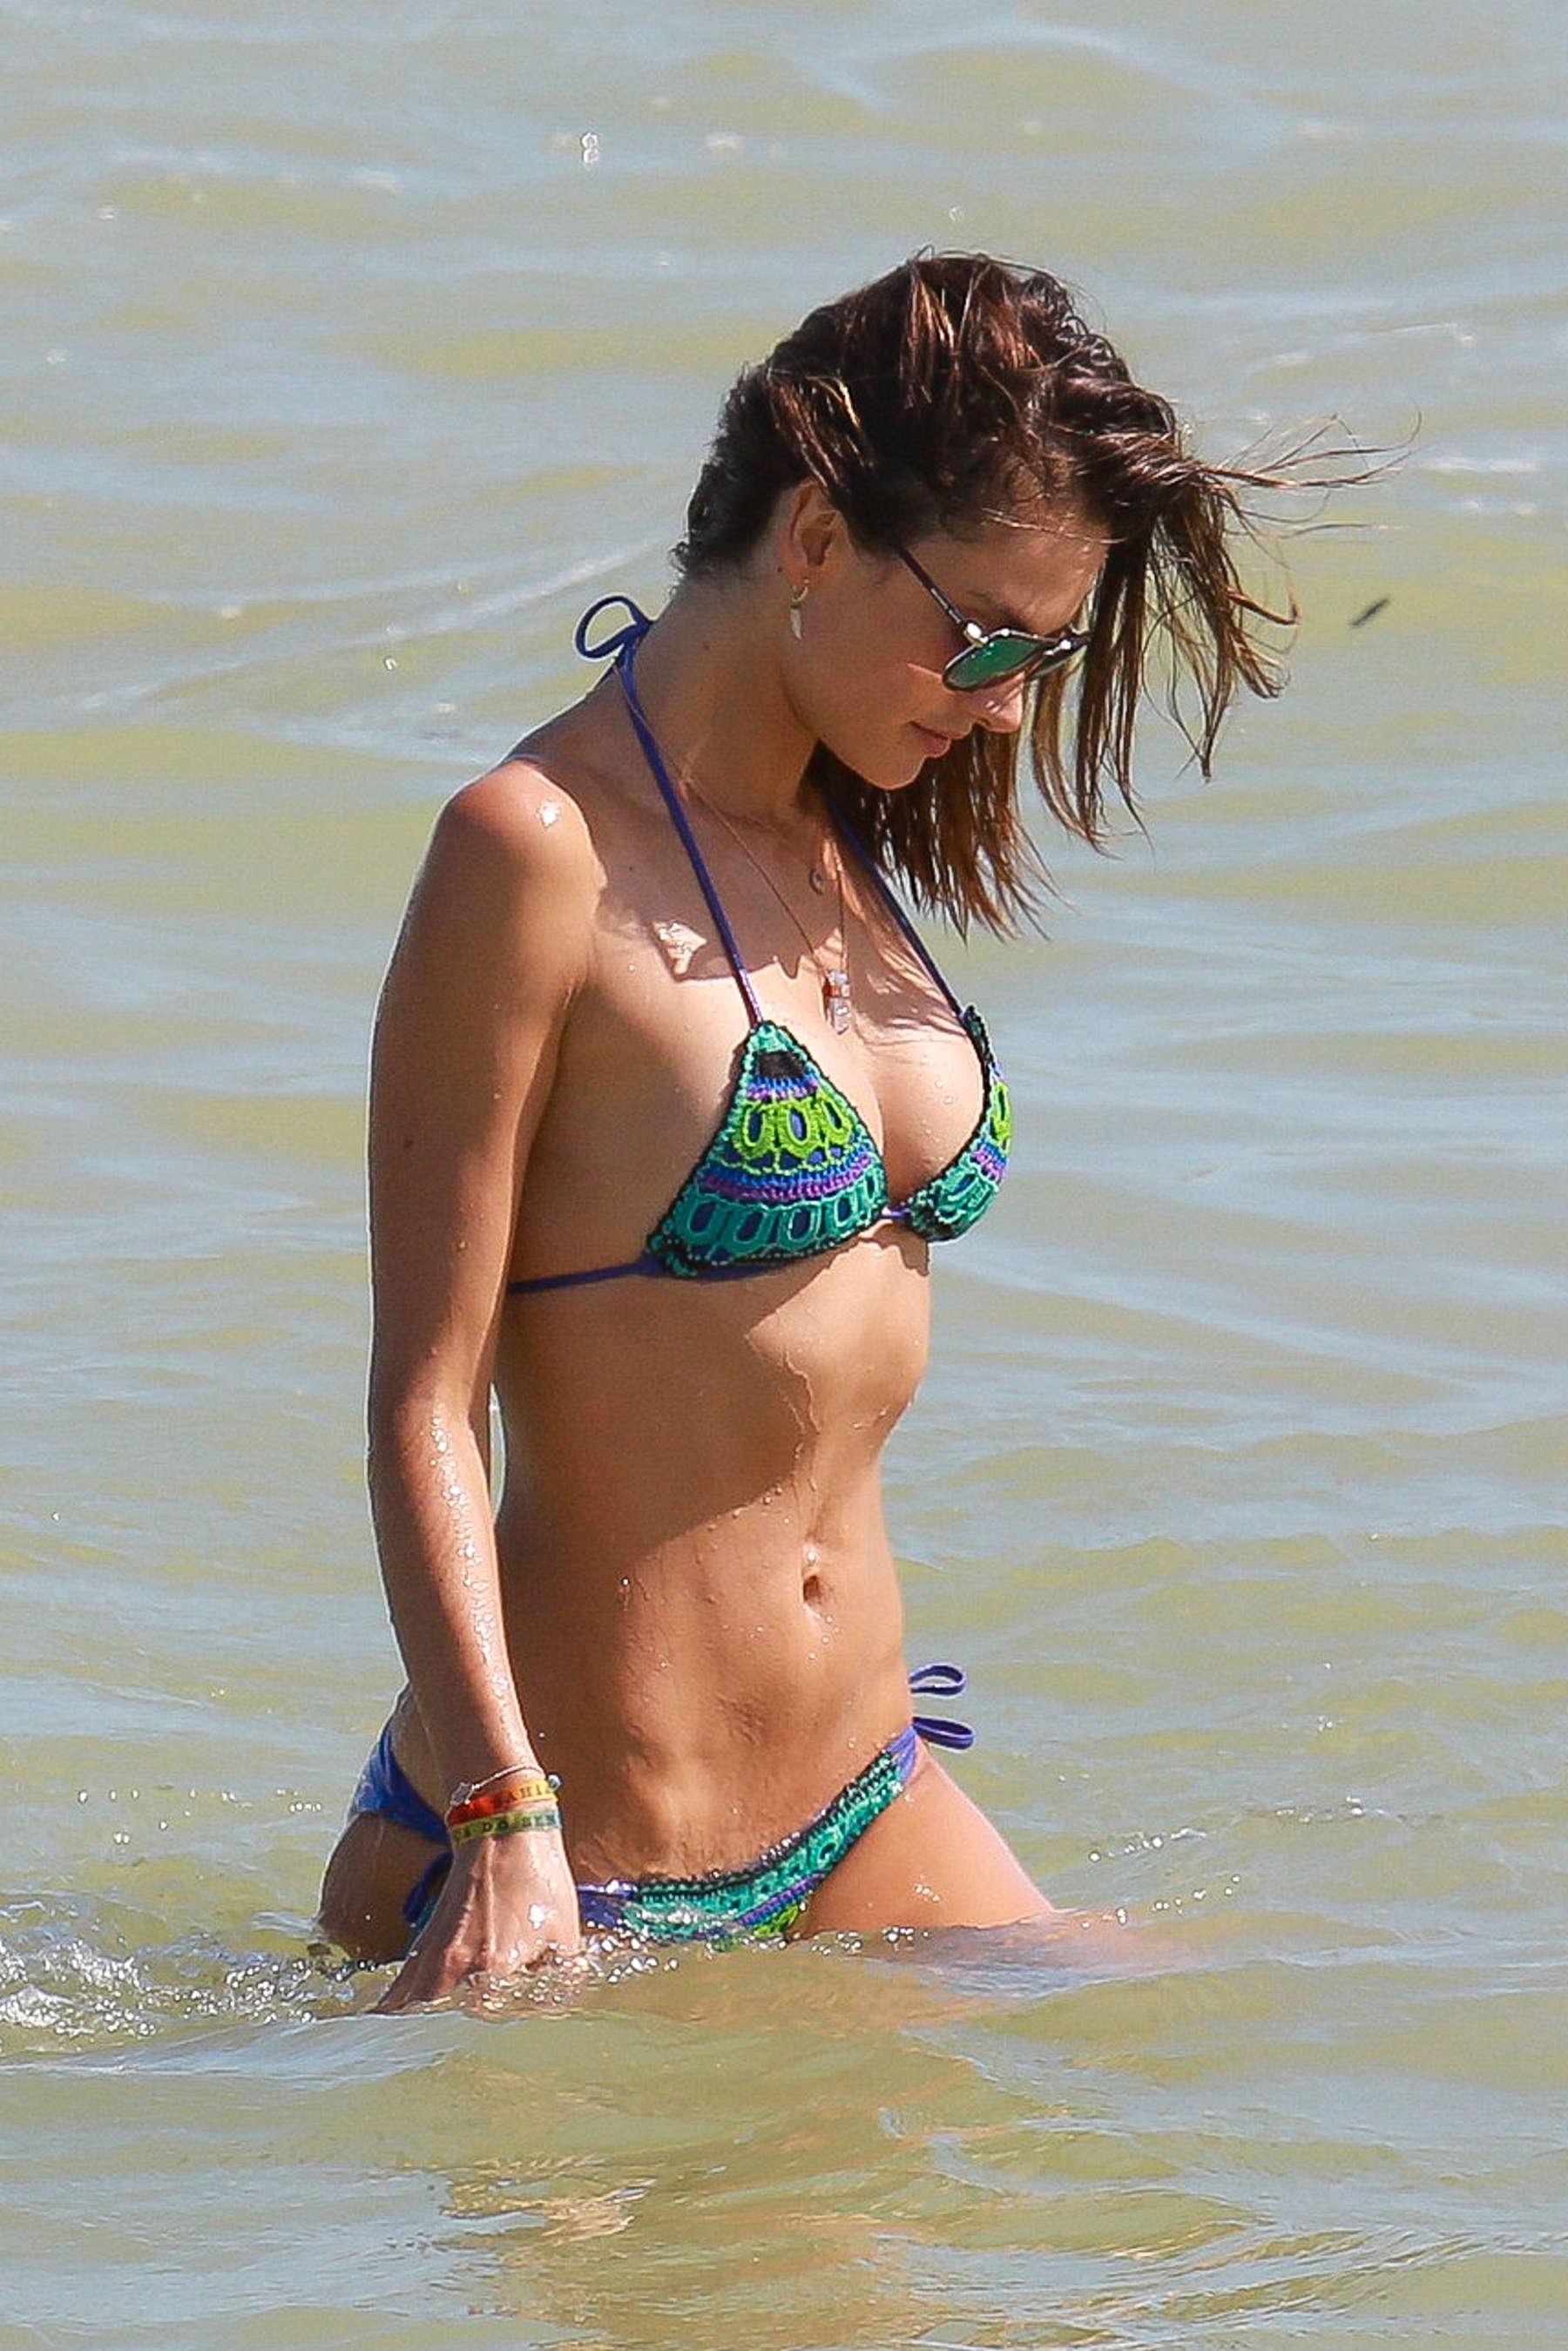 Alessandra Ambrosio 2016 : Alessandra Ambrosio Hot in Bikini -34